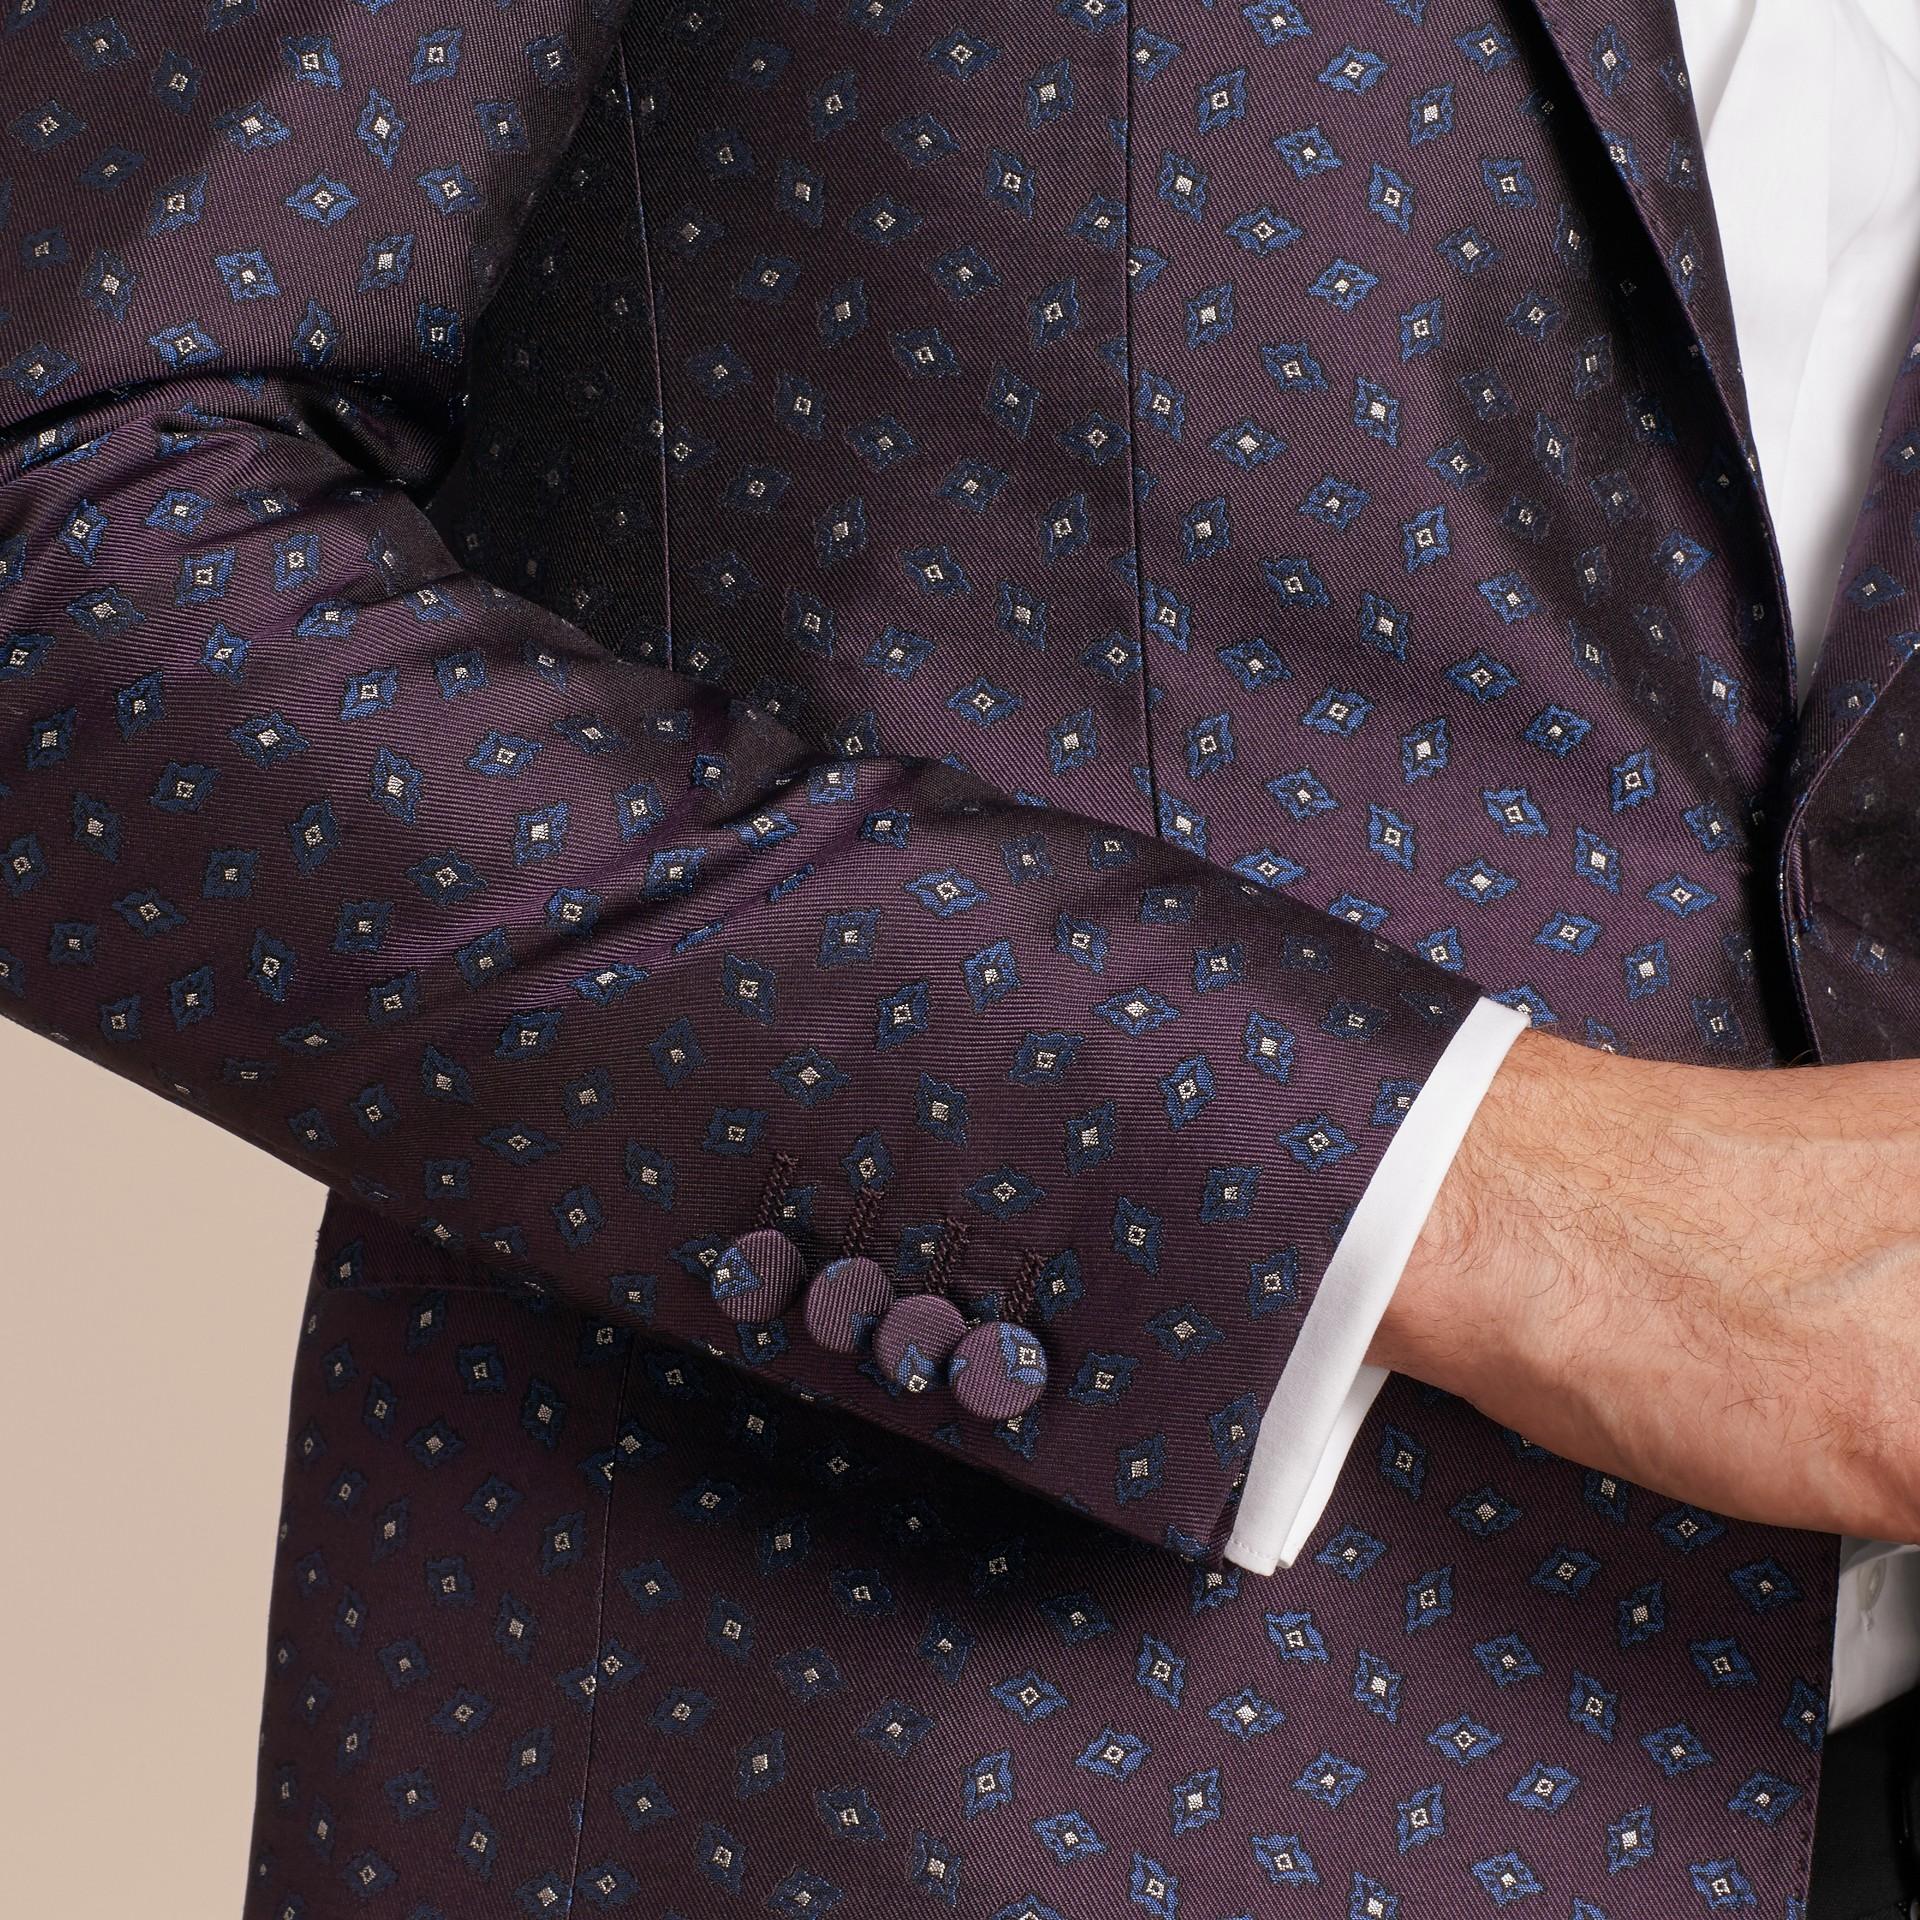 Berenjena oscuro Chaqueta de vestir entallada en jacquard de seda con motivo geométrico - imagen de la galería 6